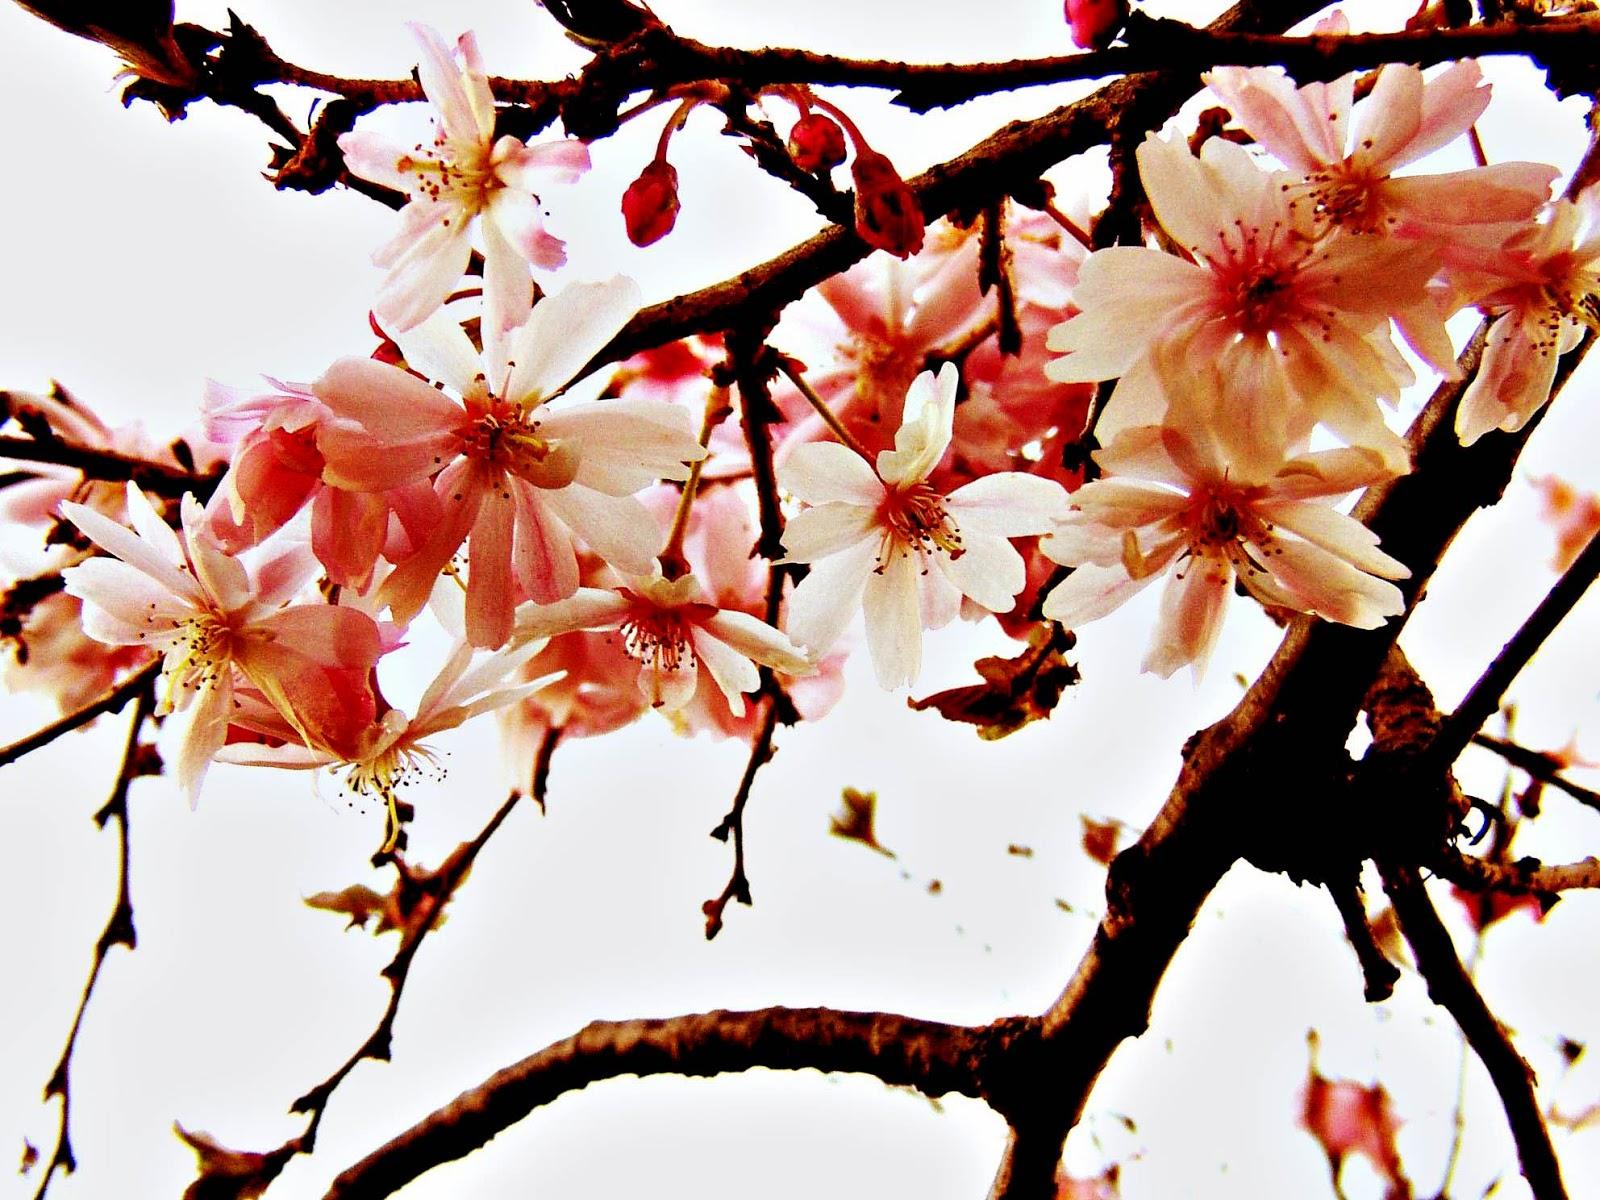 gambar wallpaper bunga sakura jepang cantik caption instagram keren kekinian